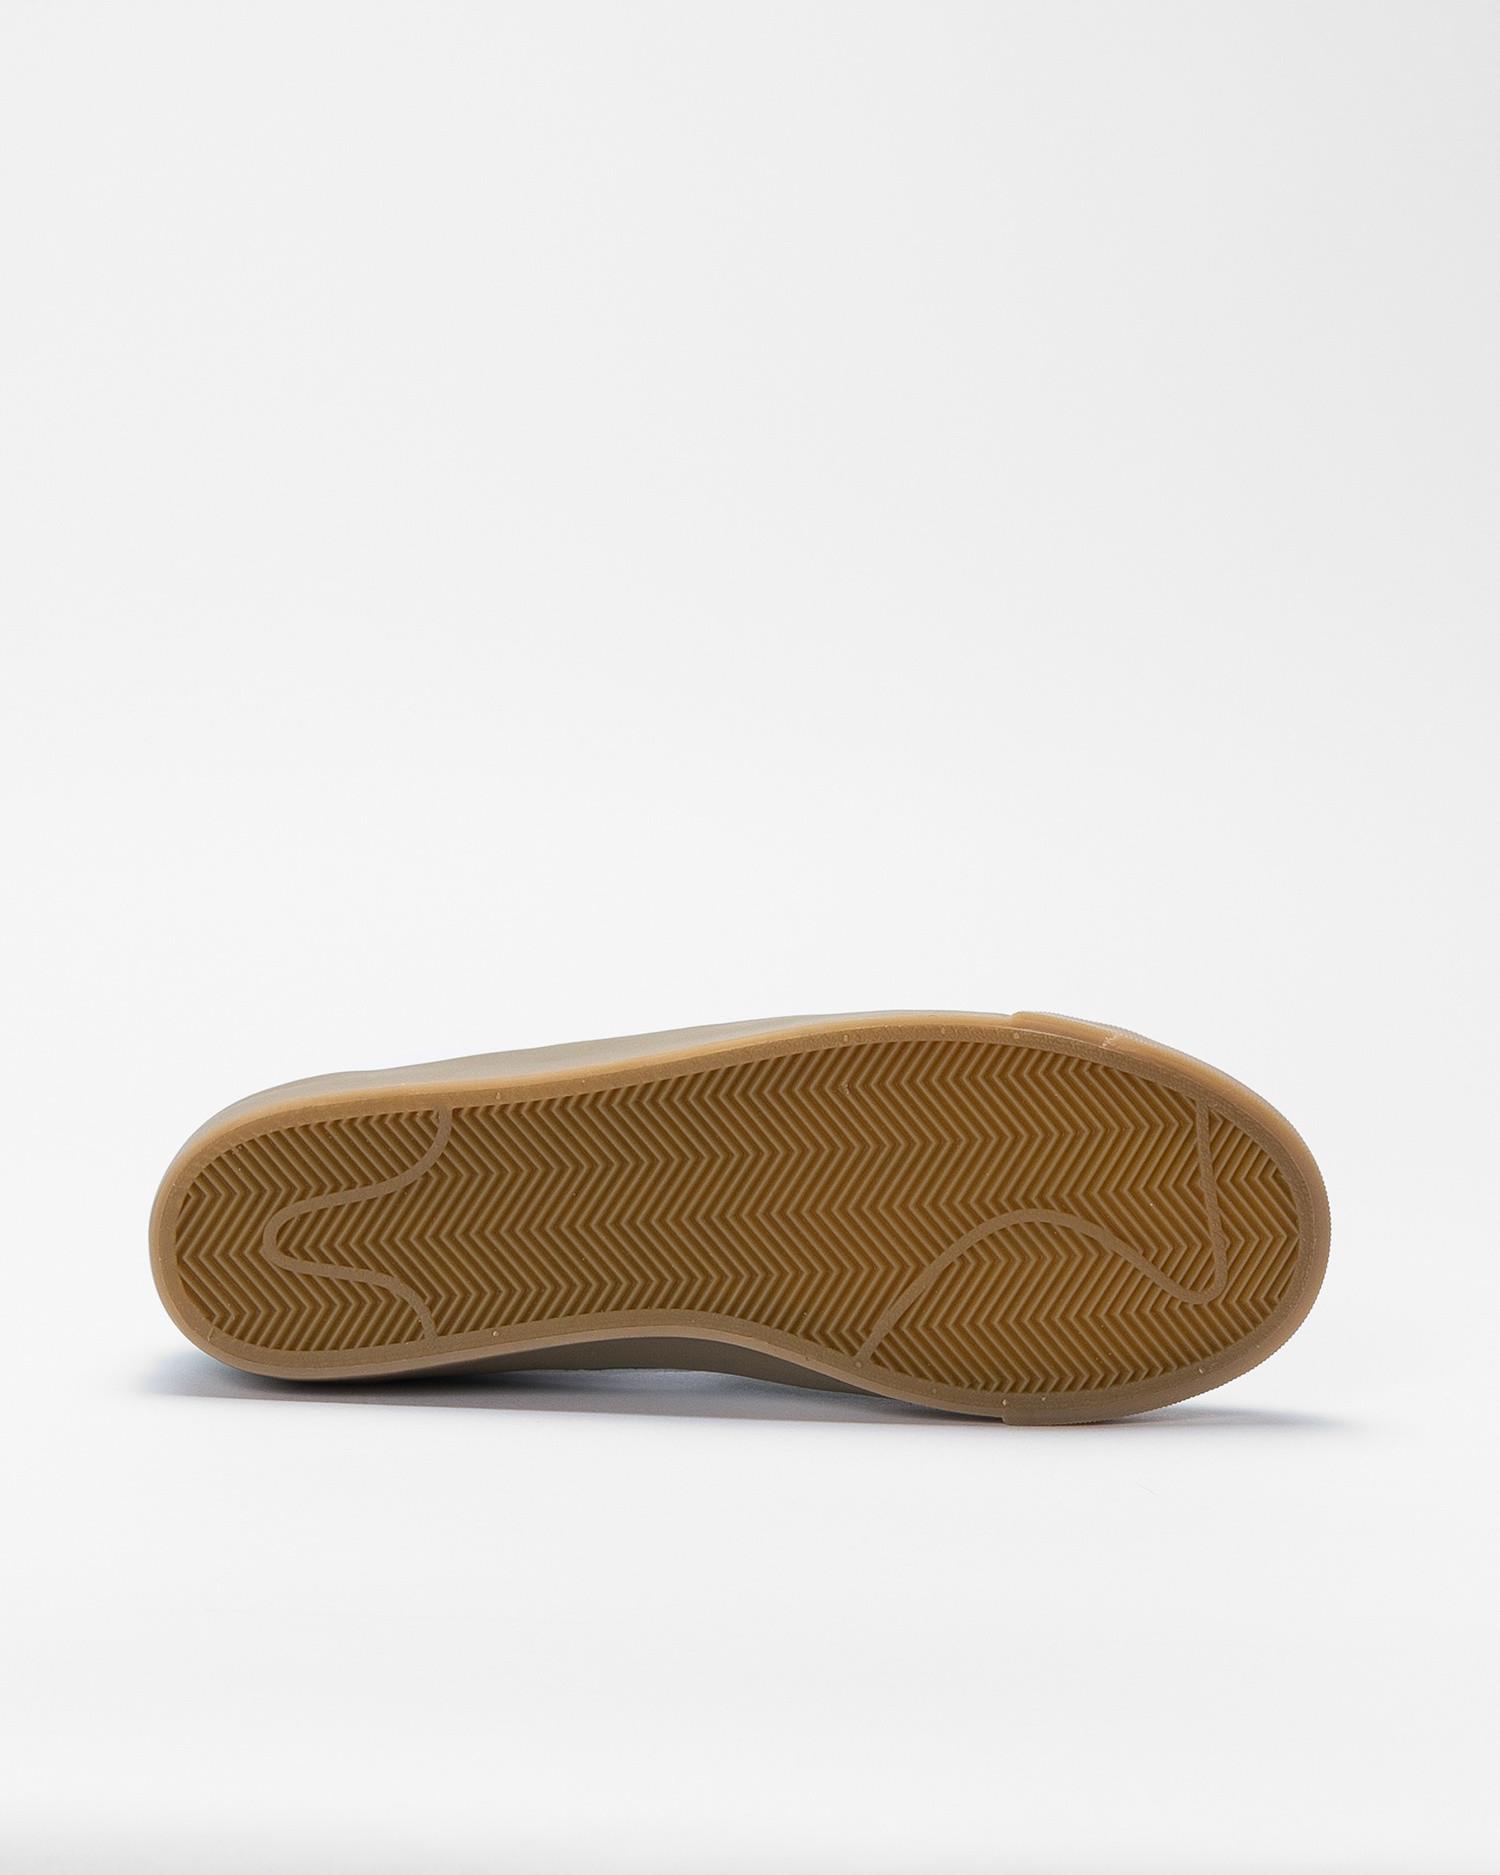 Nike SB Zoom Blazer Low Fir/White-Fir